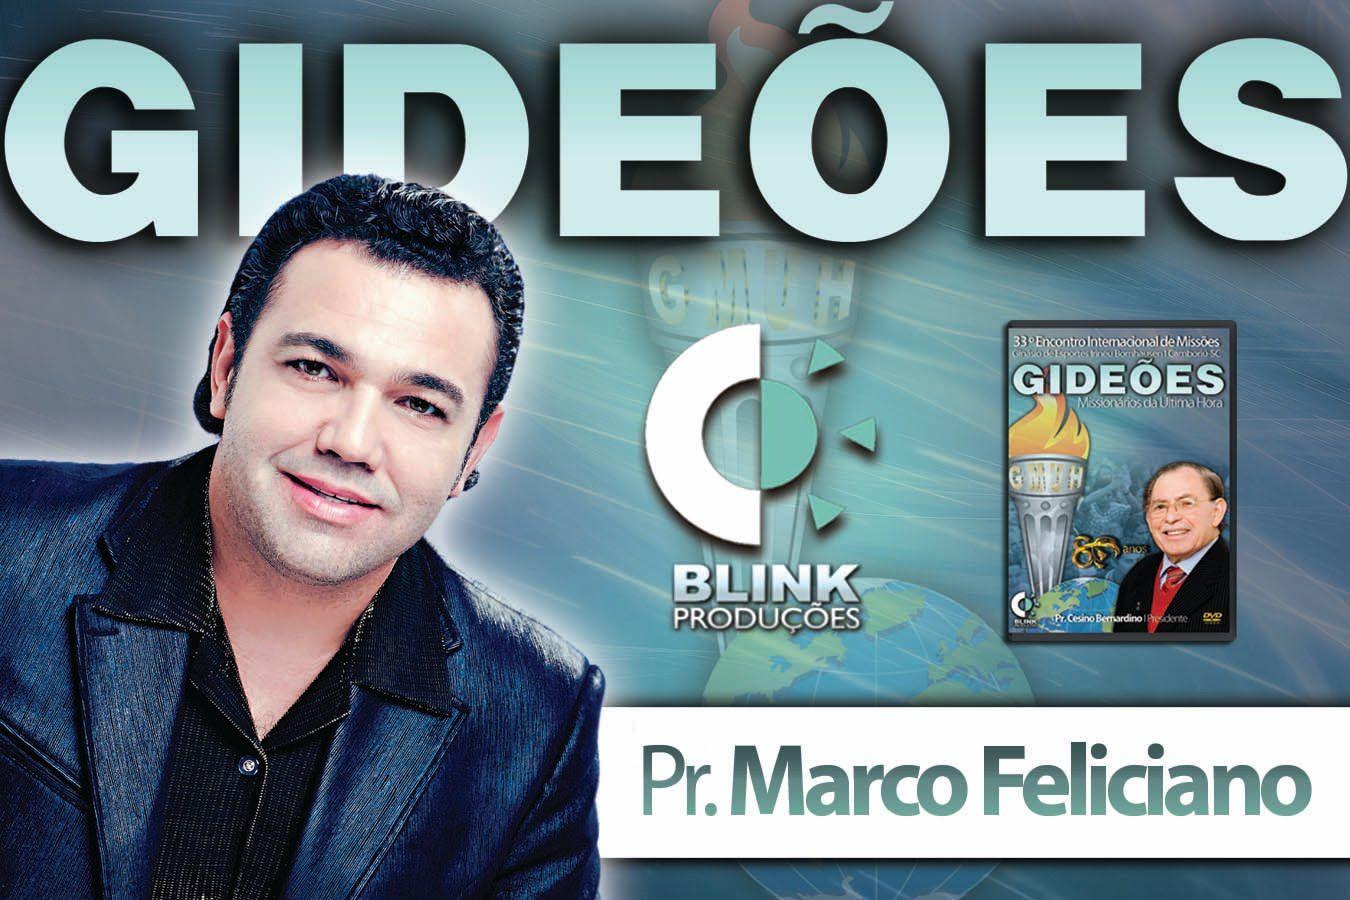 PREGAES MP3 FELICIANO MARCOS BAIXAR PR